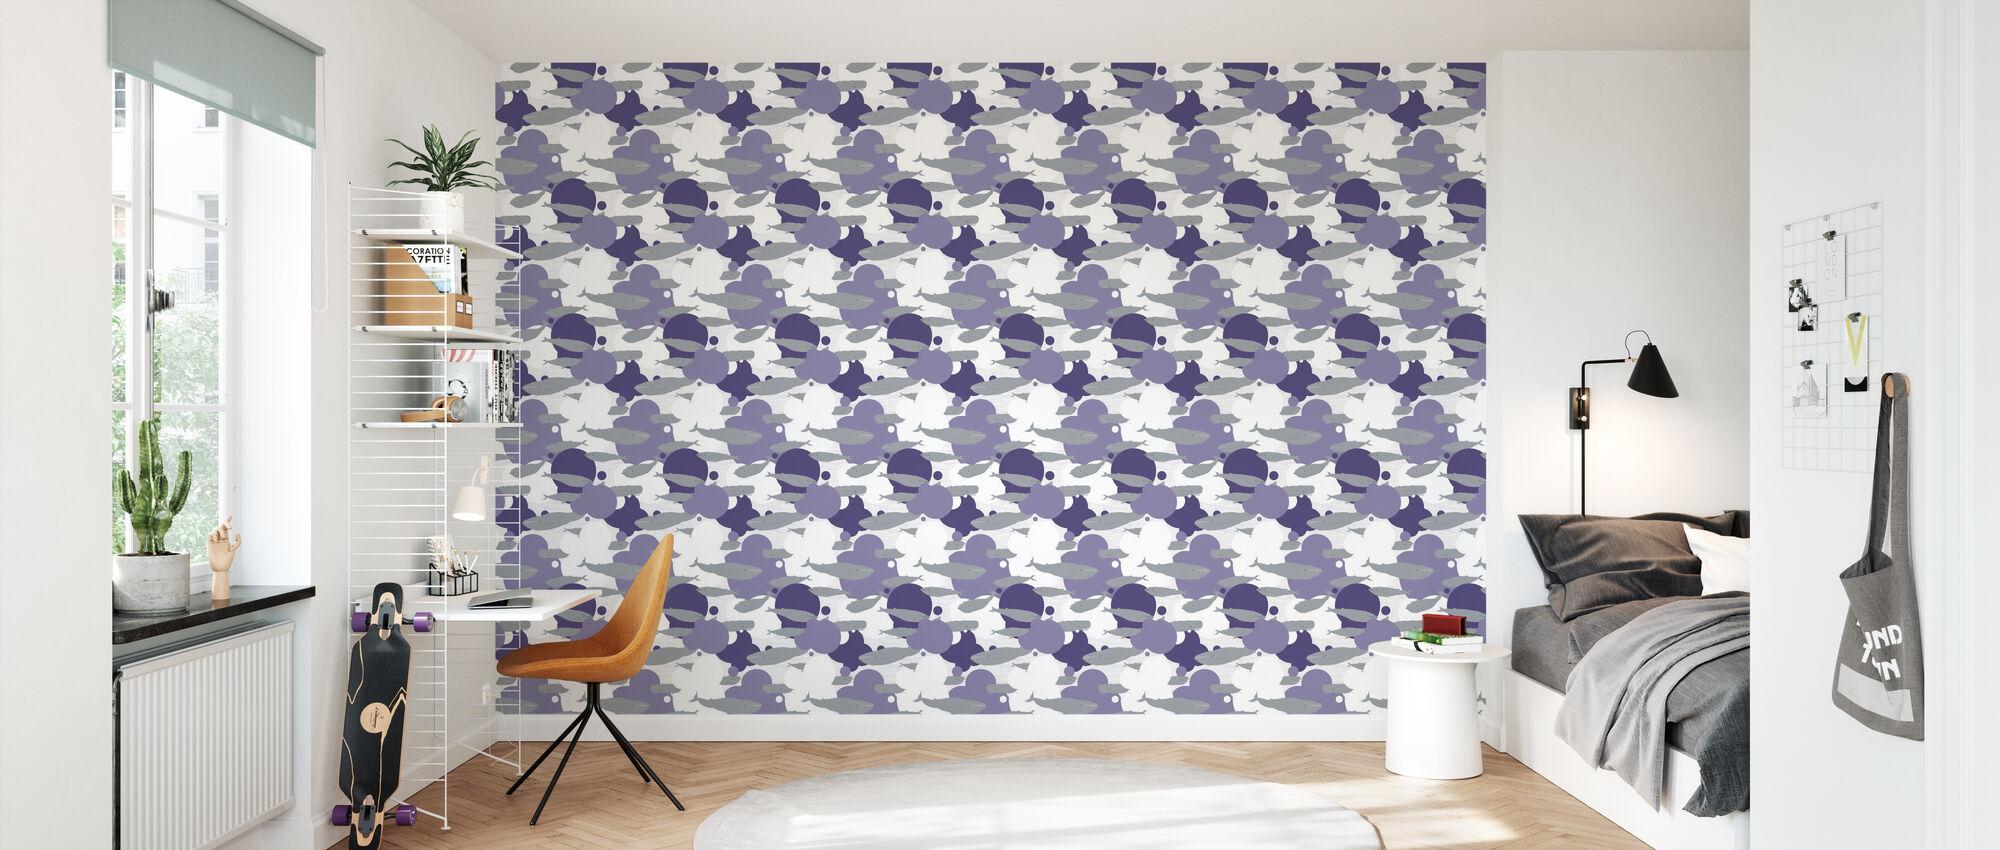 Just Another Swim - Violet - Papier peint - Chambre des enfants